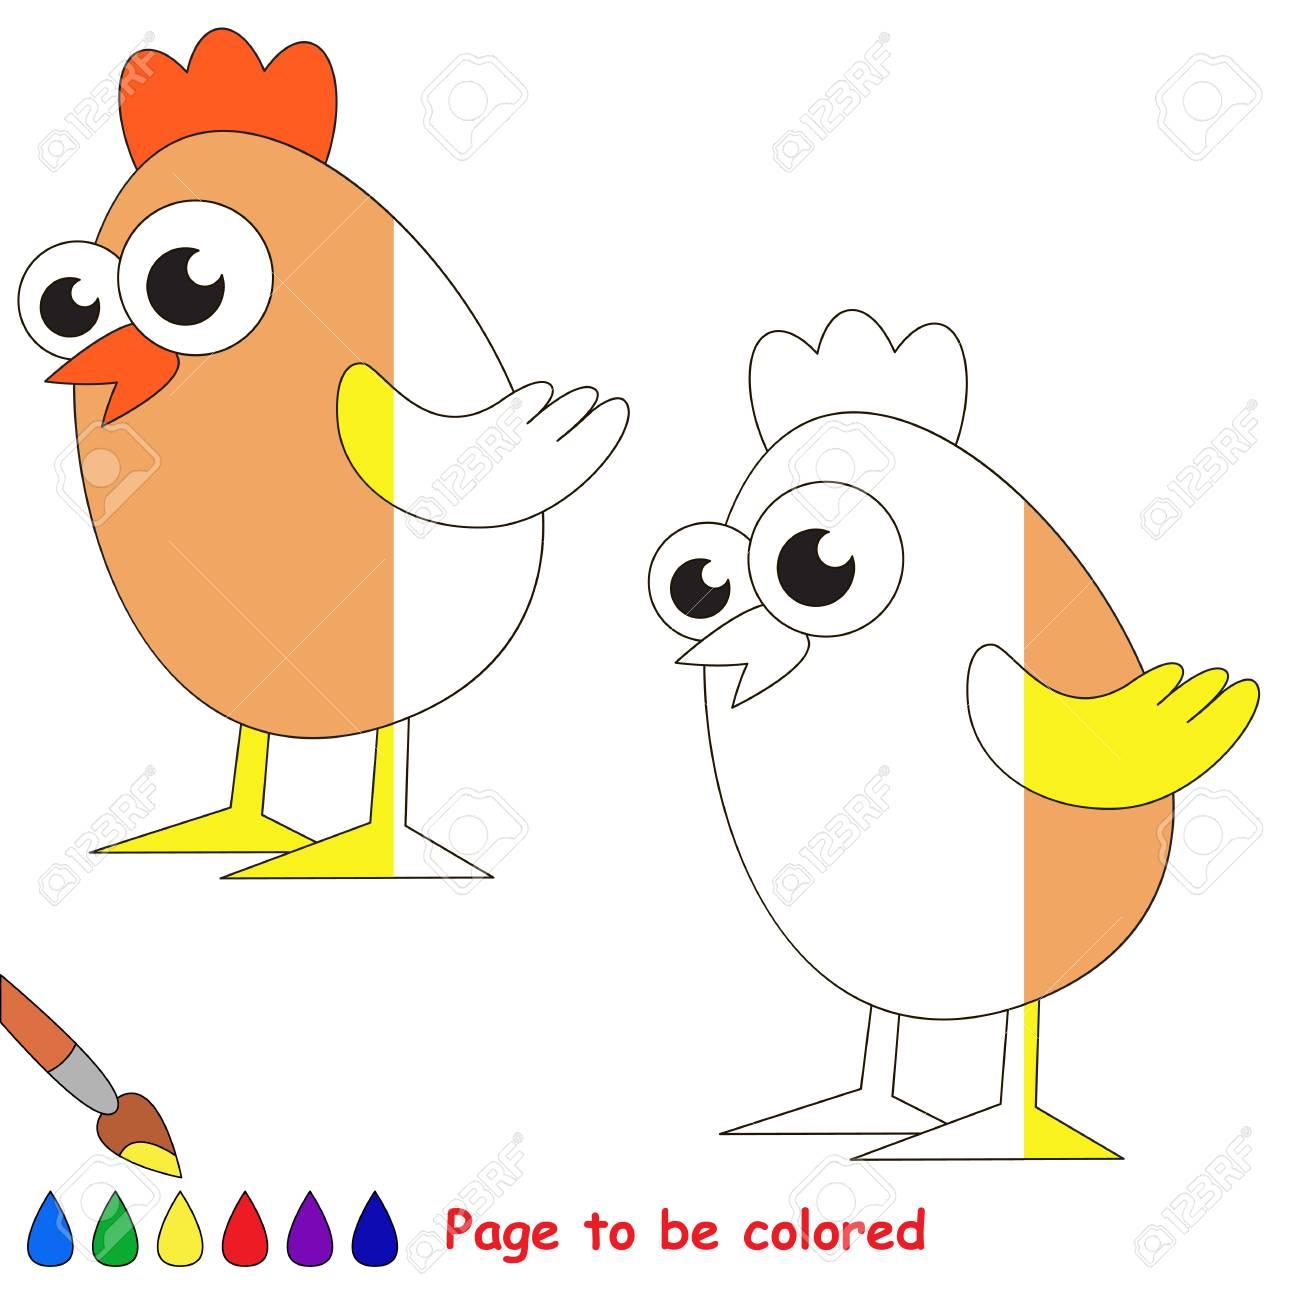 卵を鶏簡単ゲーム レベルサンプルで半分の色無色に子供教育ゲーム就学前の子供を教育するための塗り絵